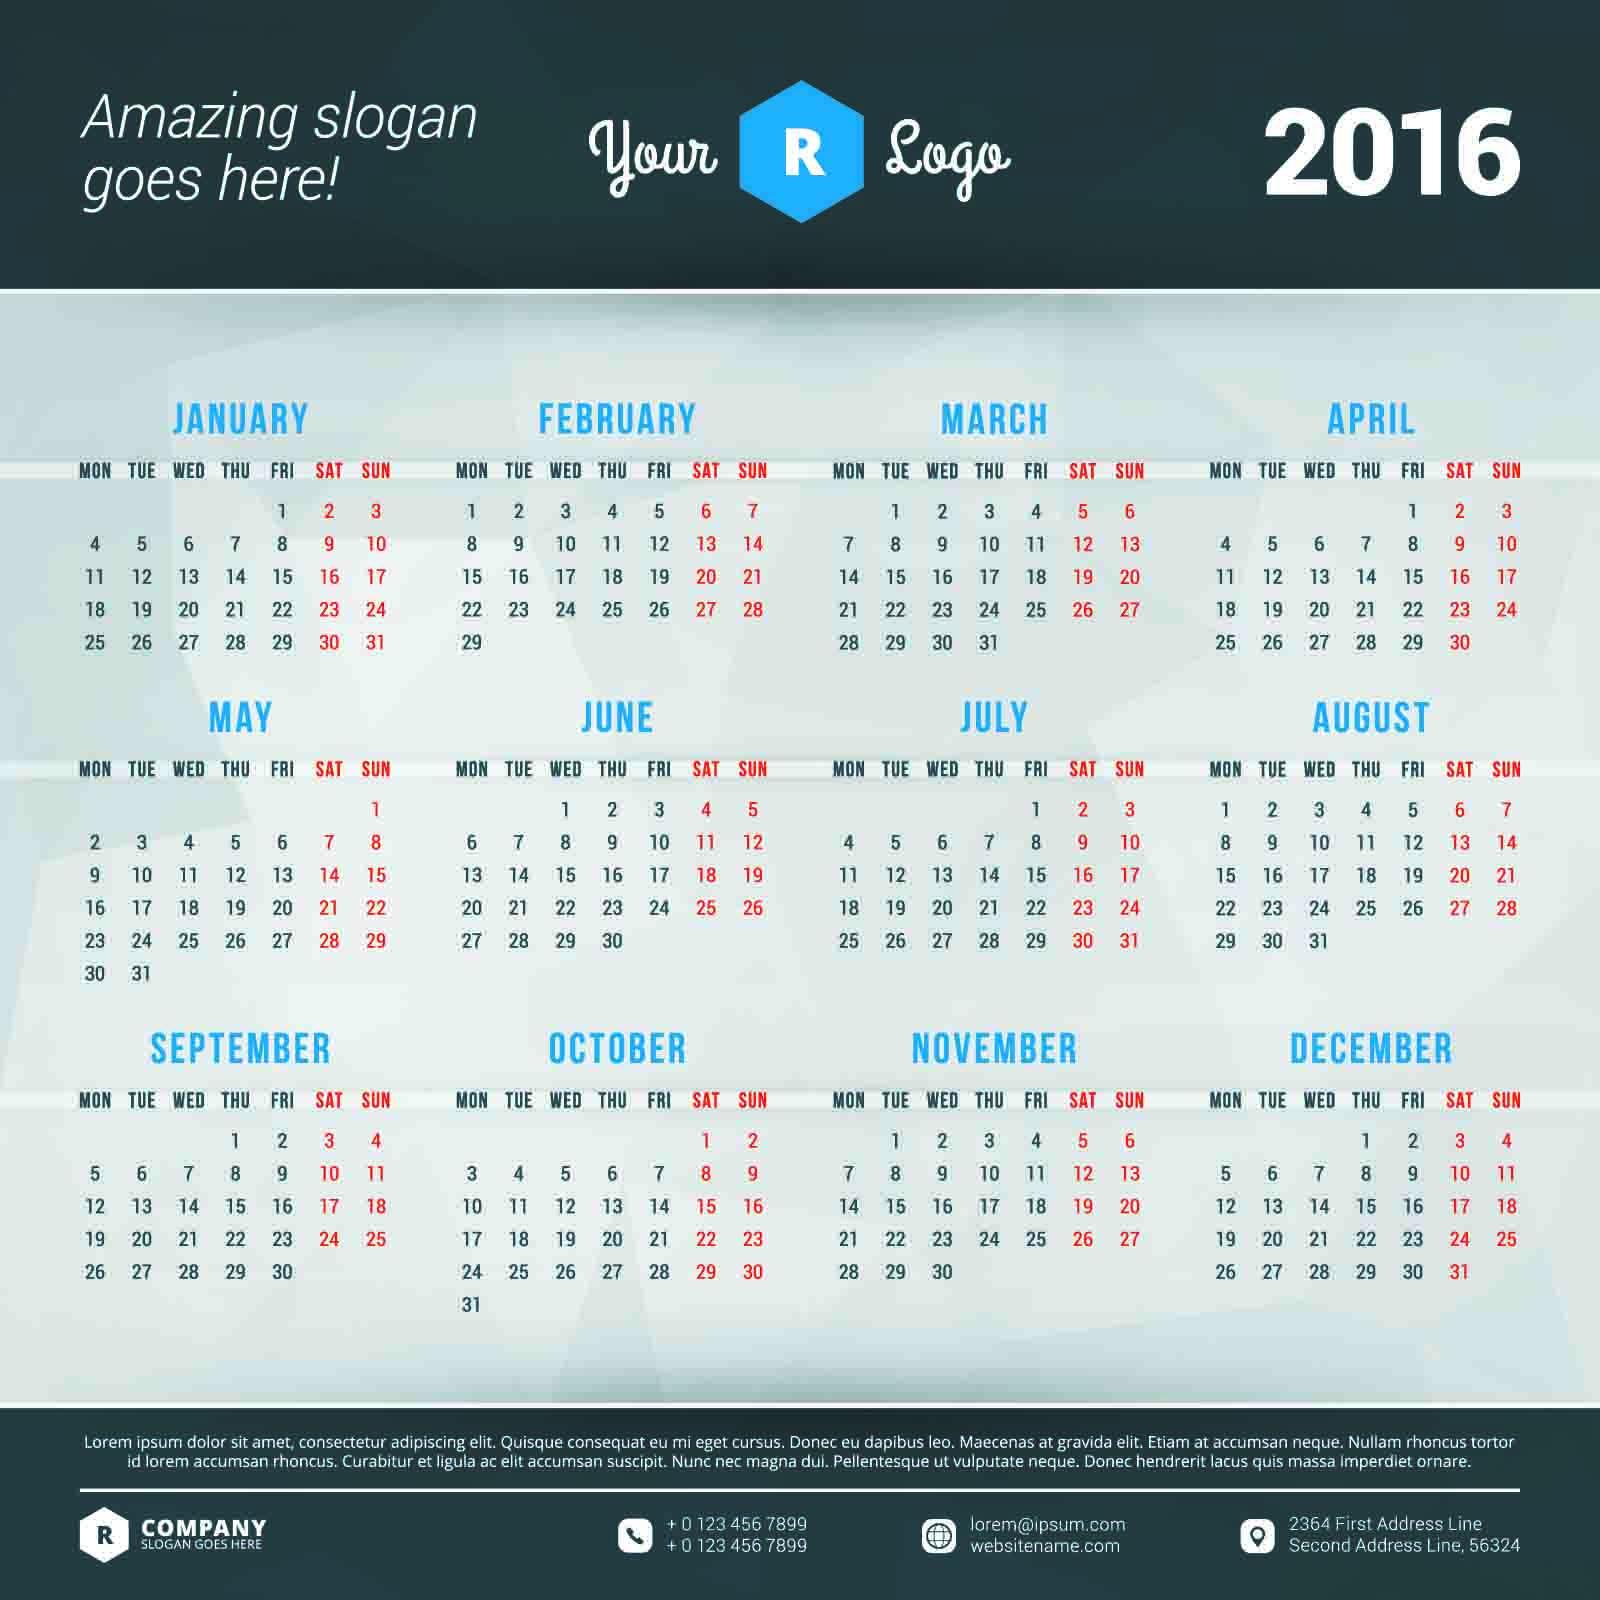 2016カレンダー無料 ... : 2 015カレンダー : カレンダー